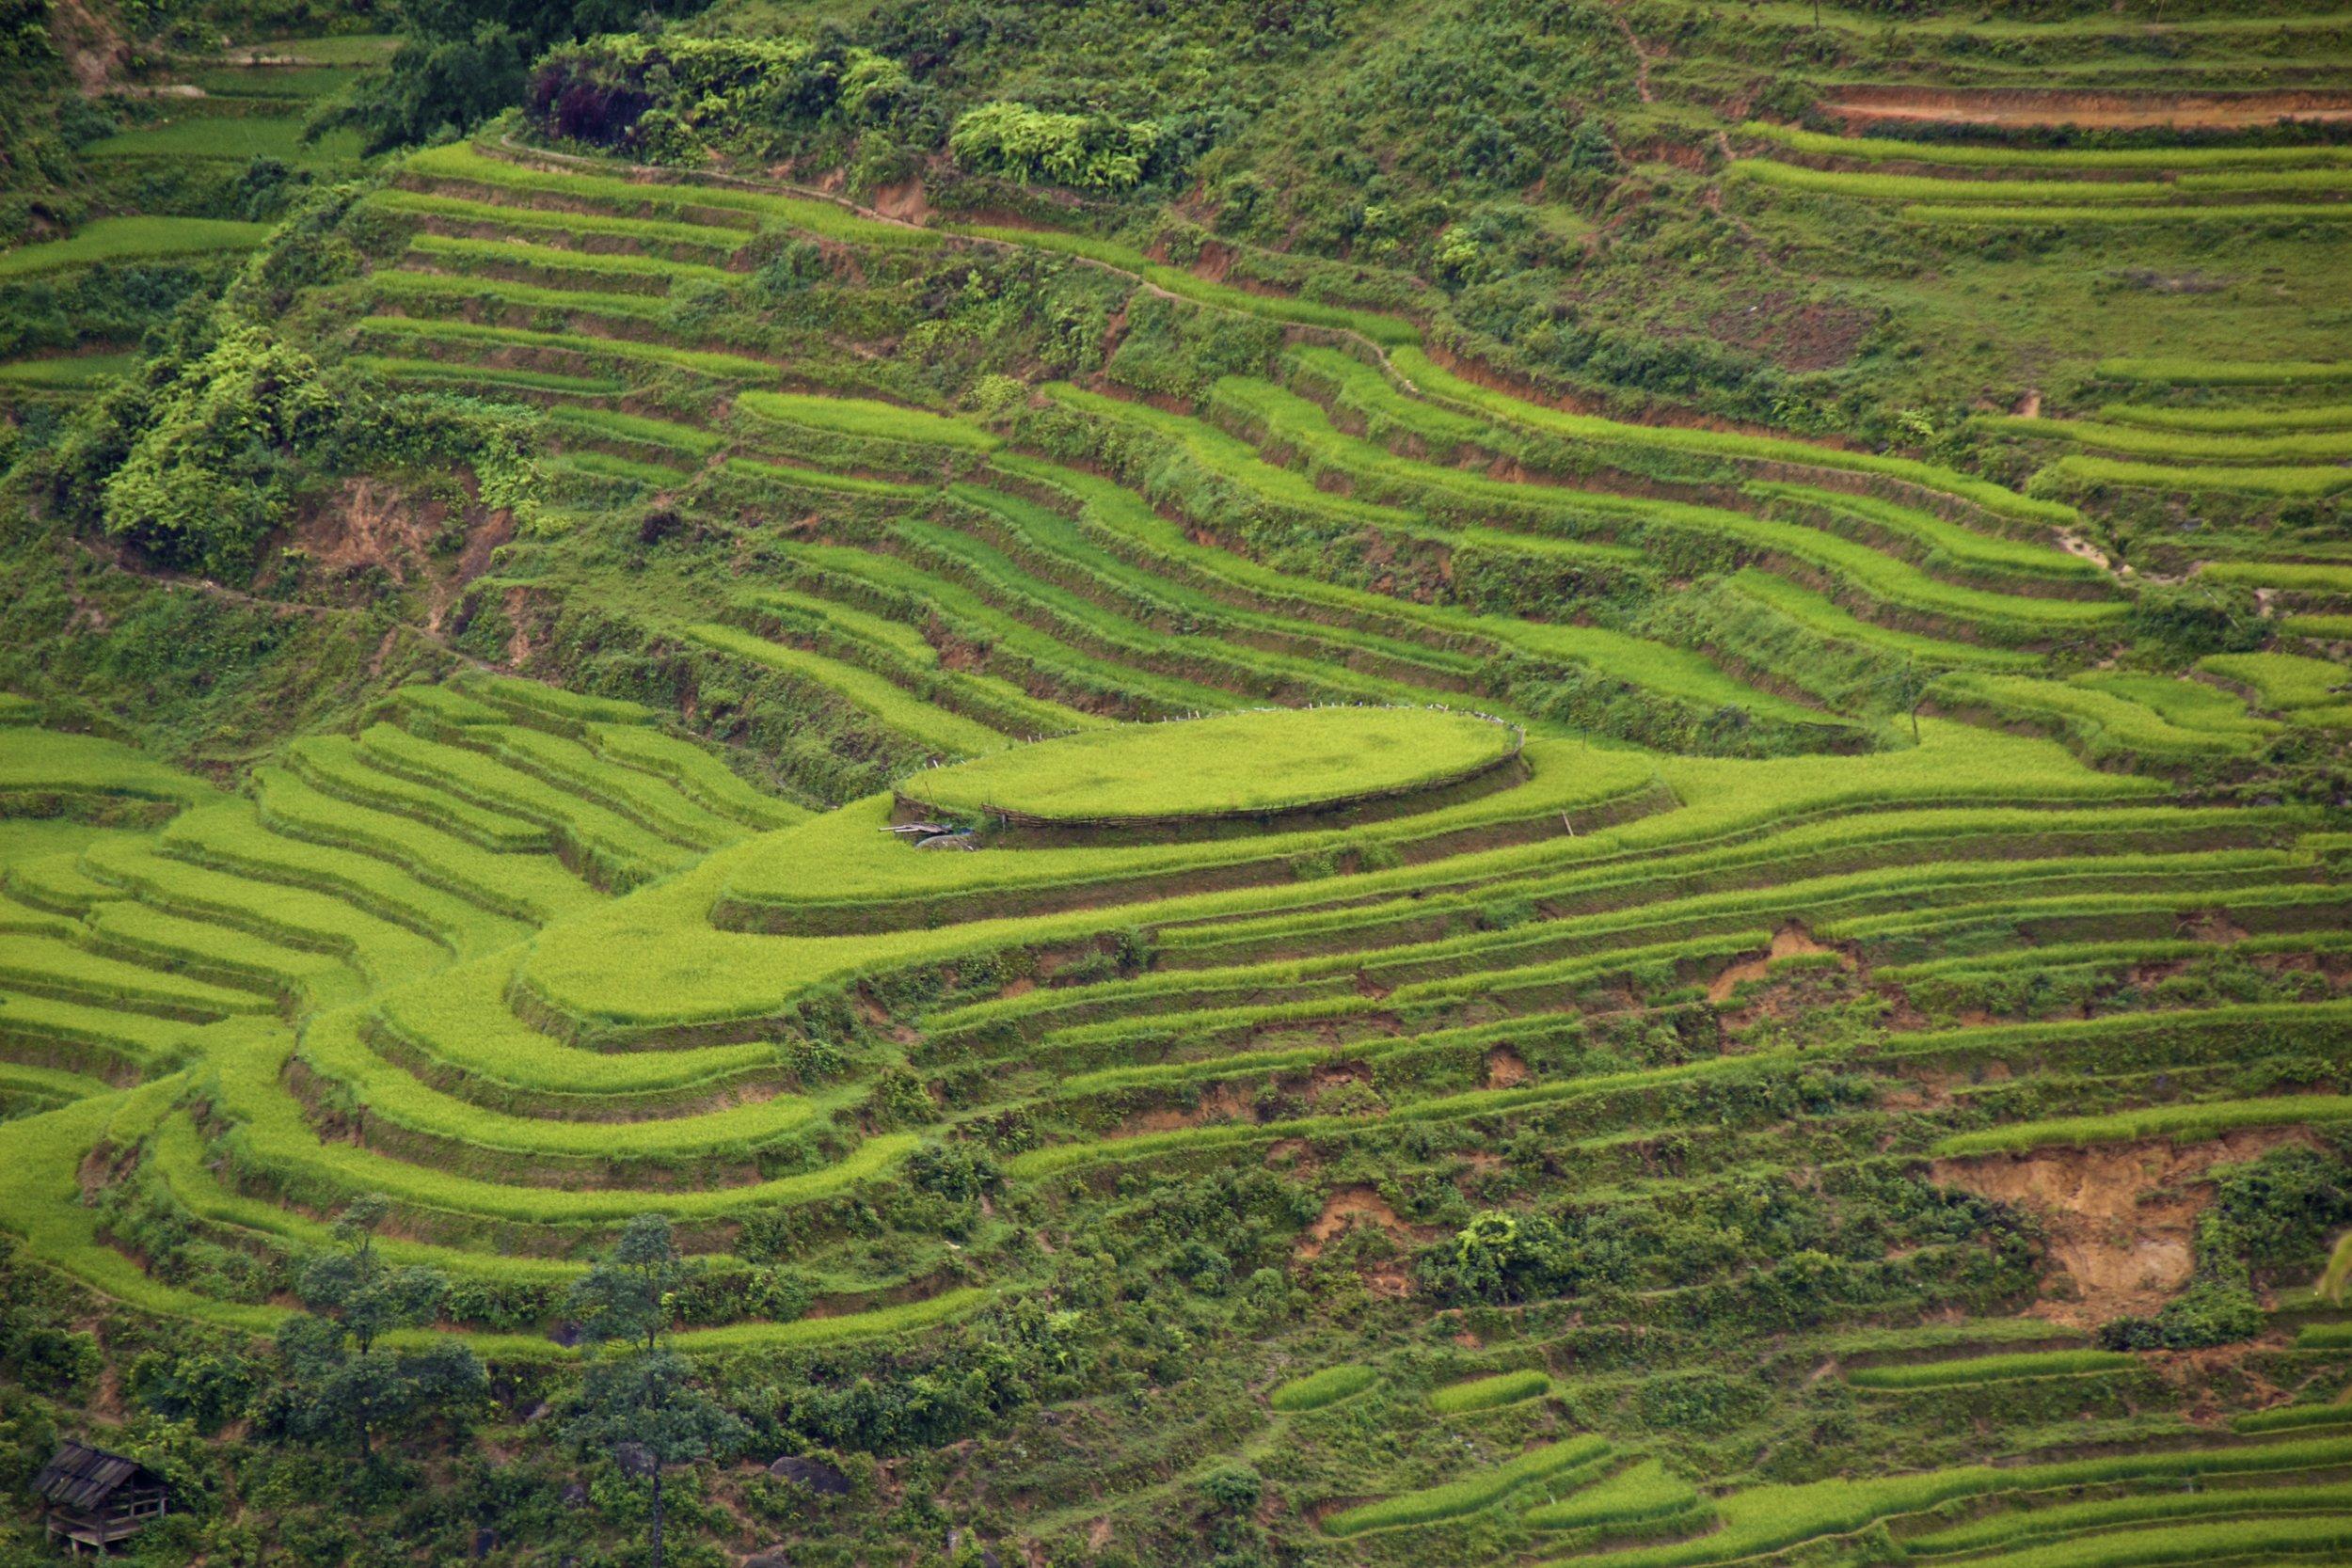 sa pa lao cai vietnam rice paddies 12.jpg